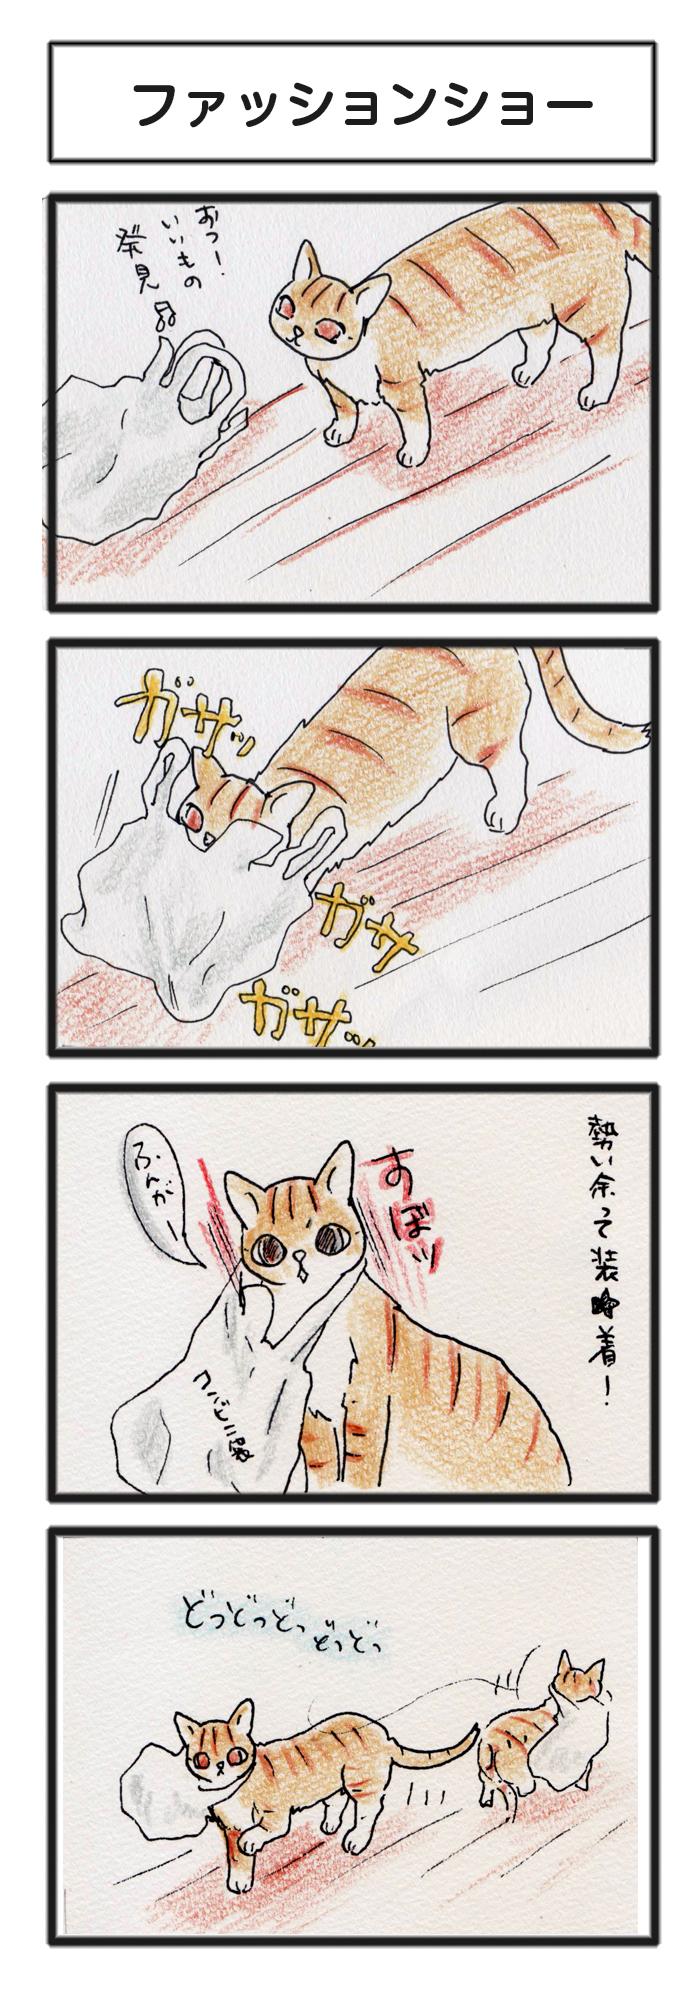 comic_4c_15032201.jpg